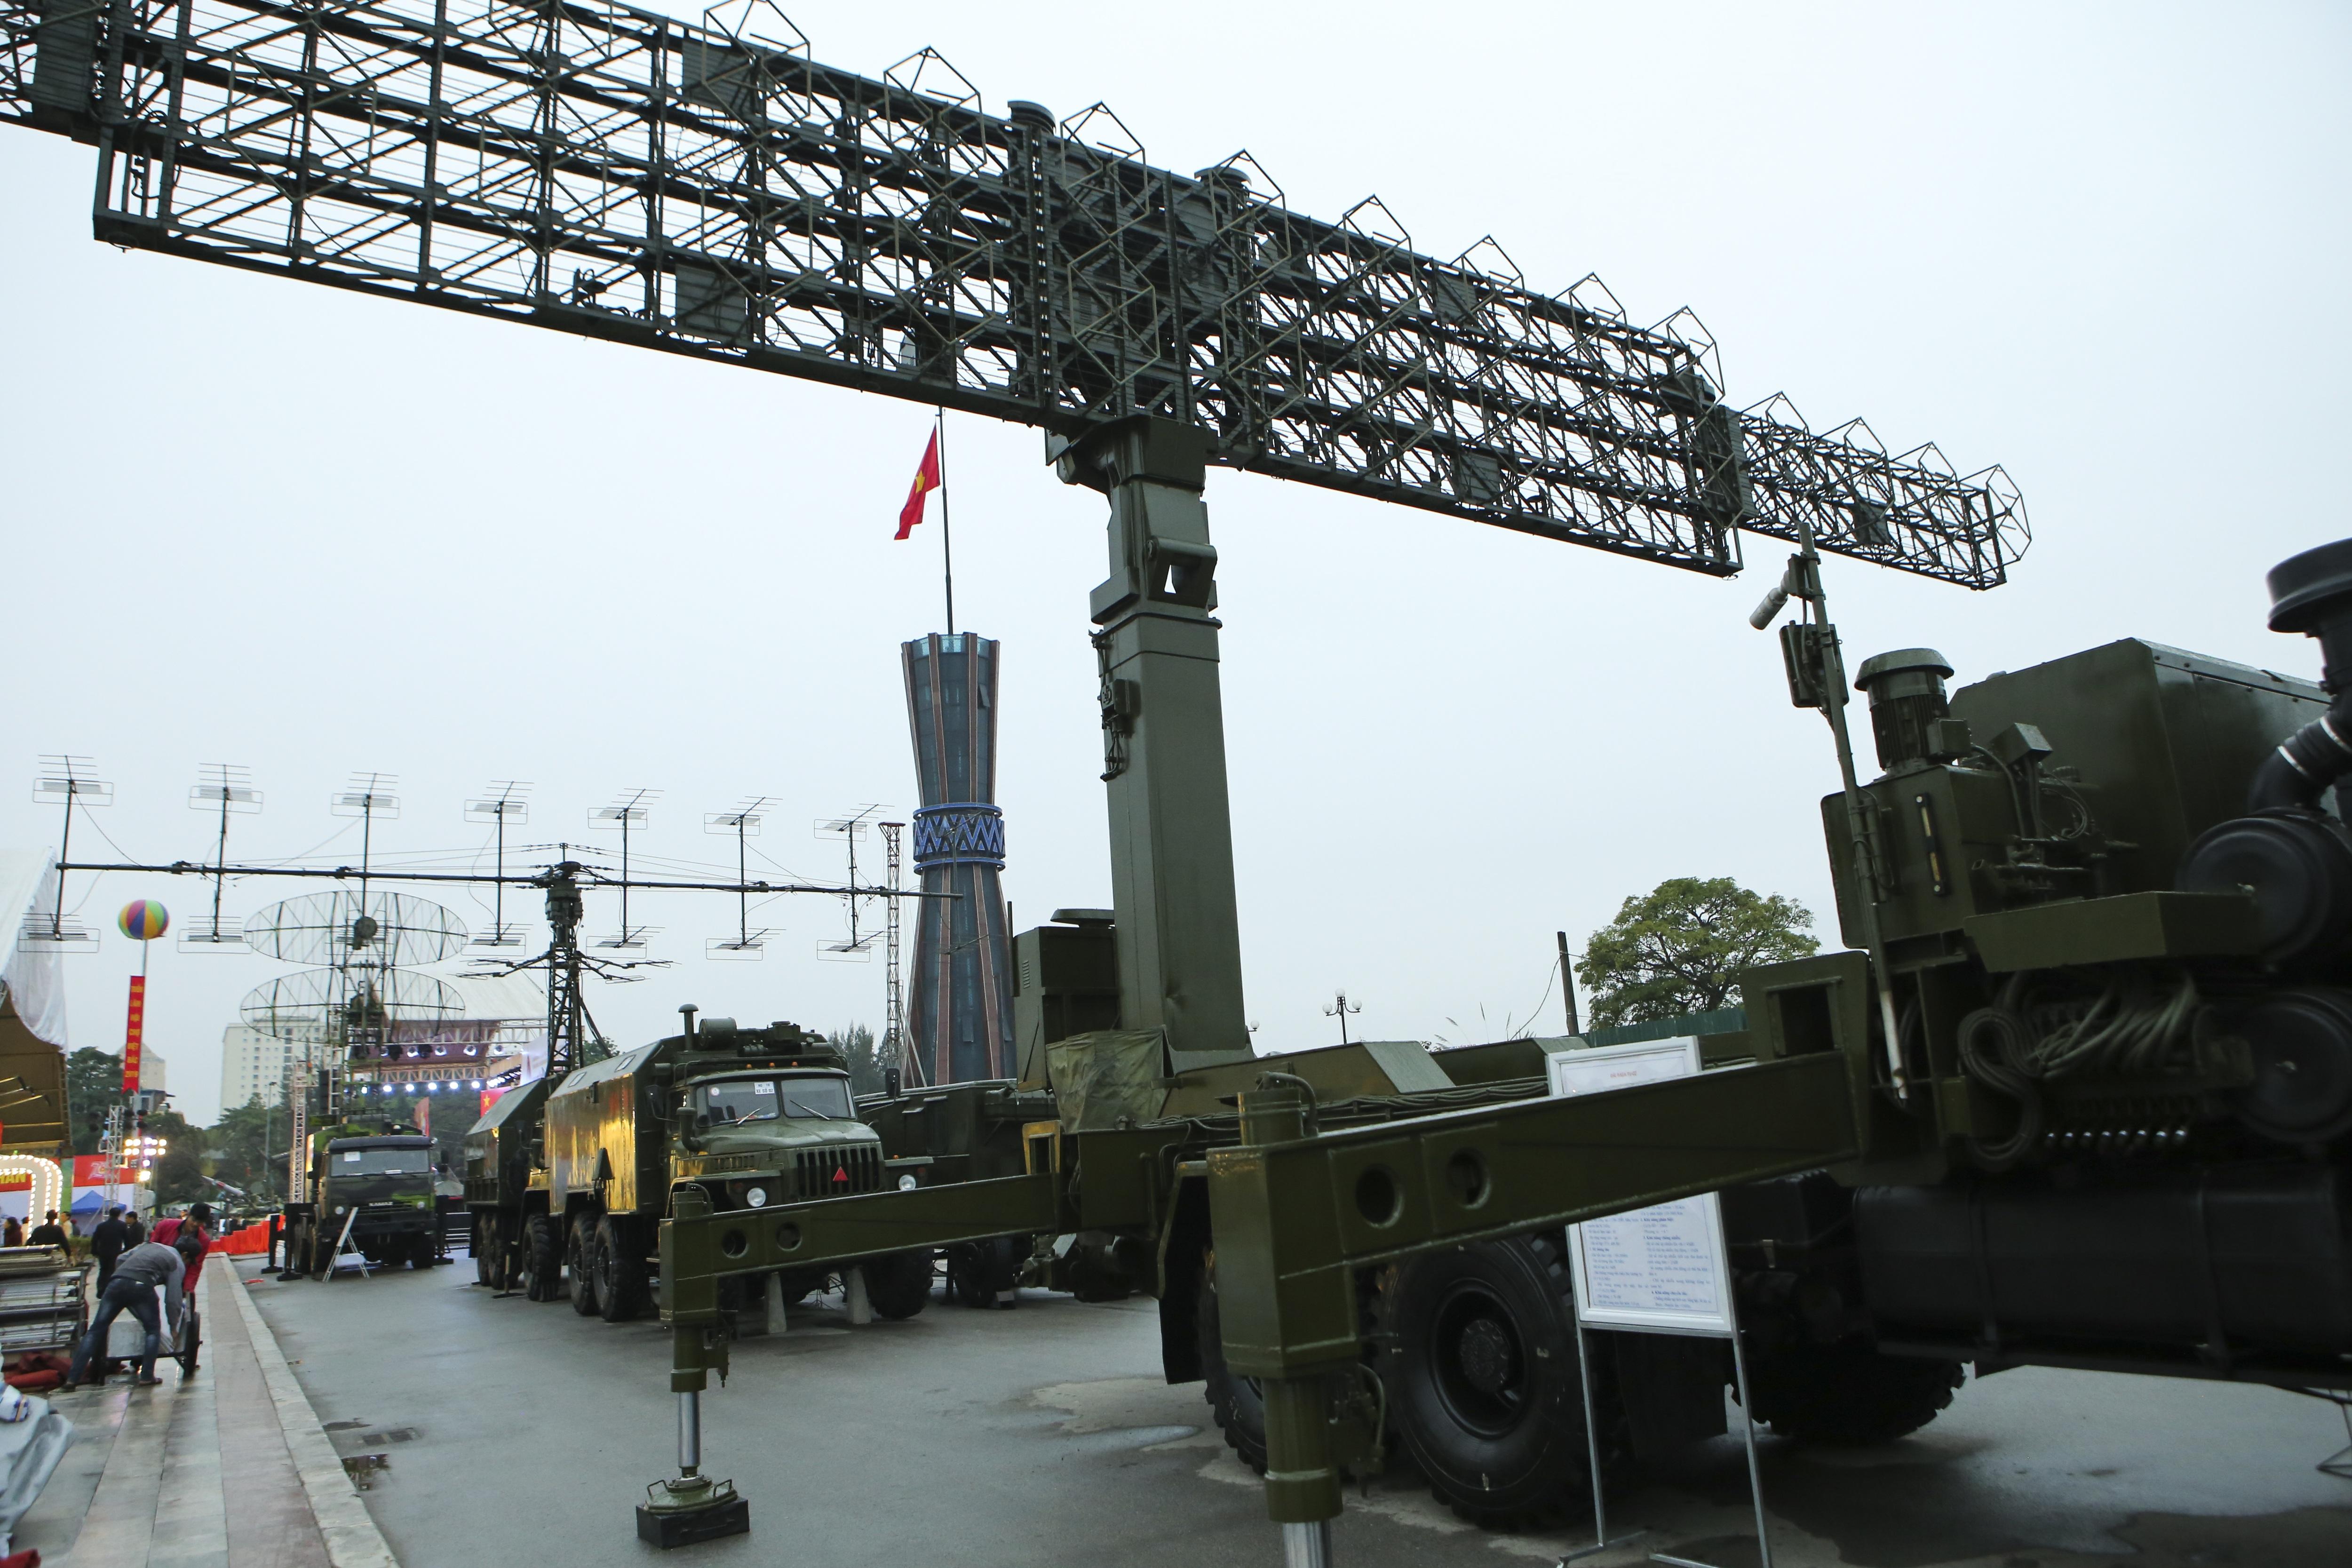 Cận cảnh dàn radar chống mục tiêu tàng hình tối tân của Quân đội Nhân dân Việt Nam - 2